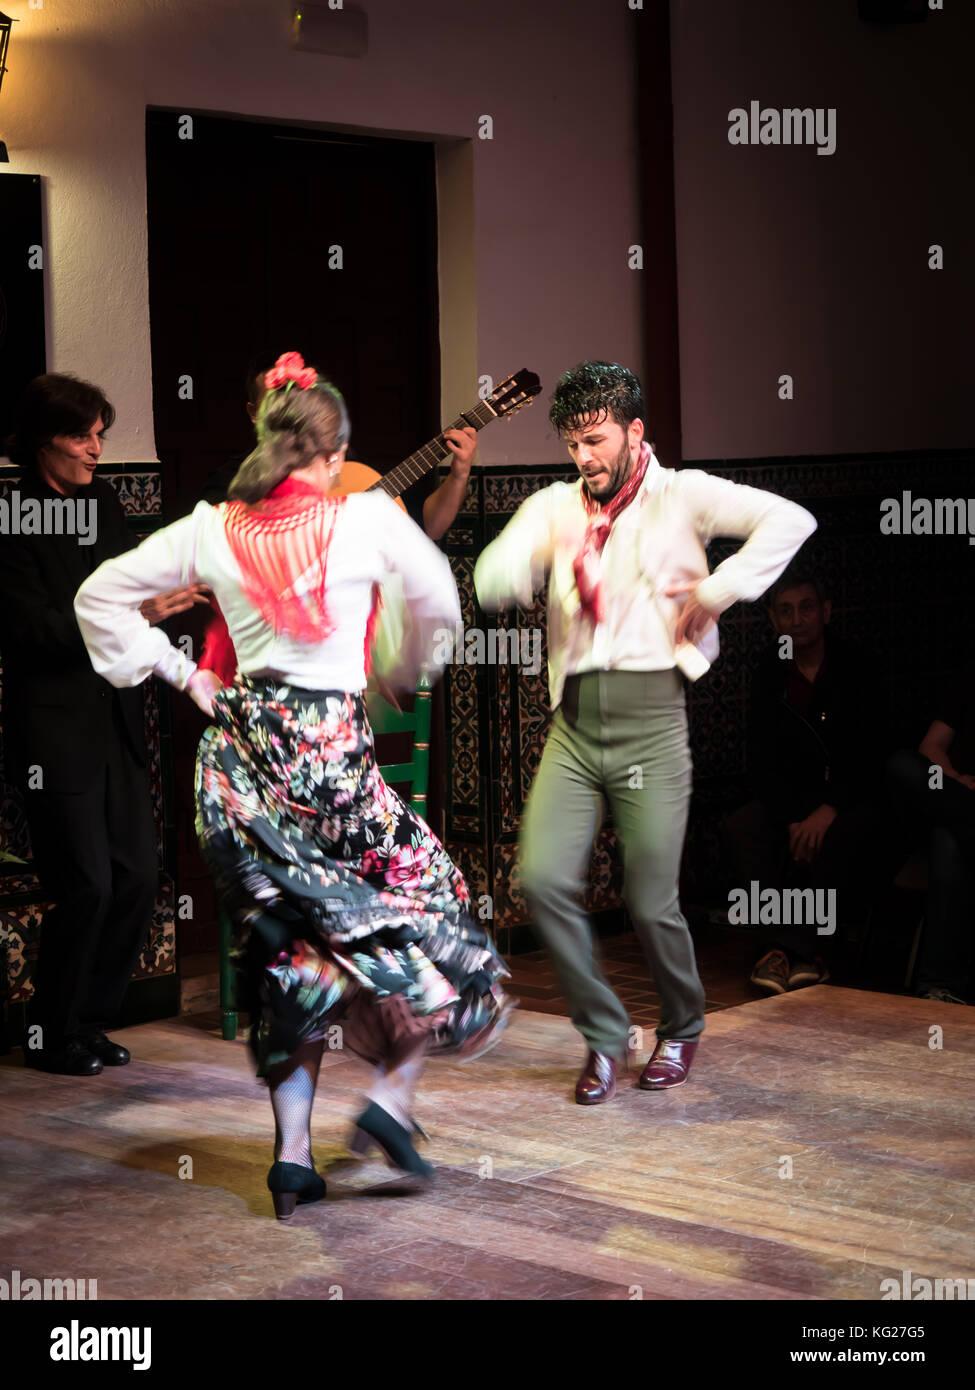 Flamenco dancers and musicians, La Casa del Flamenco, Seville (Sevilla), Andalucia, Spain, Europe - Stock Image